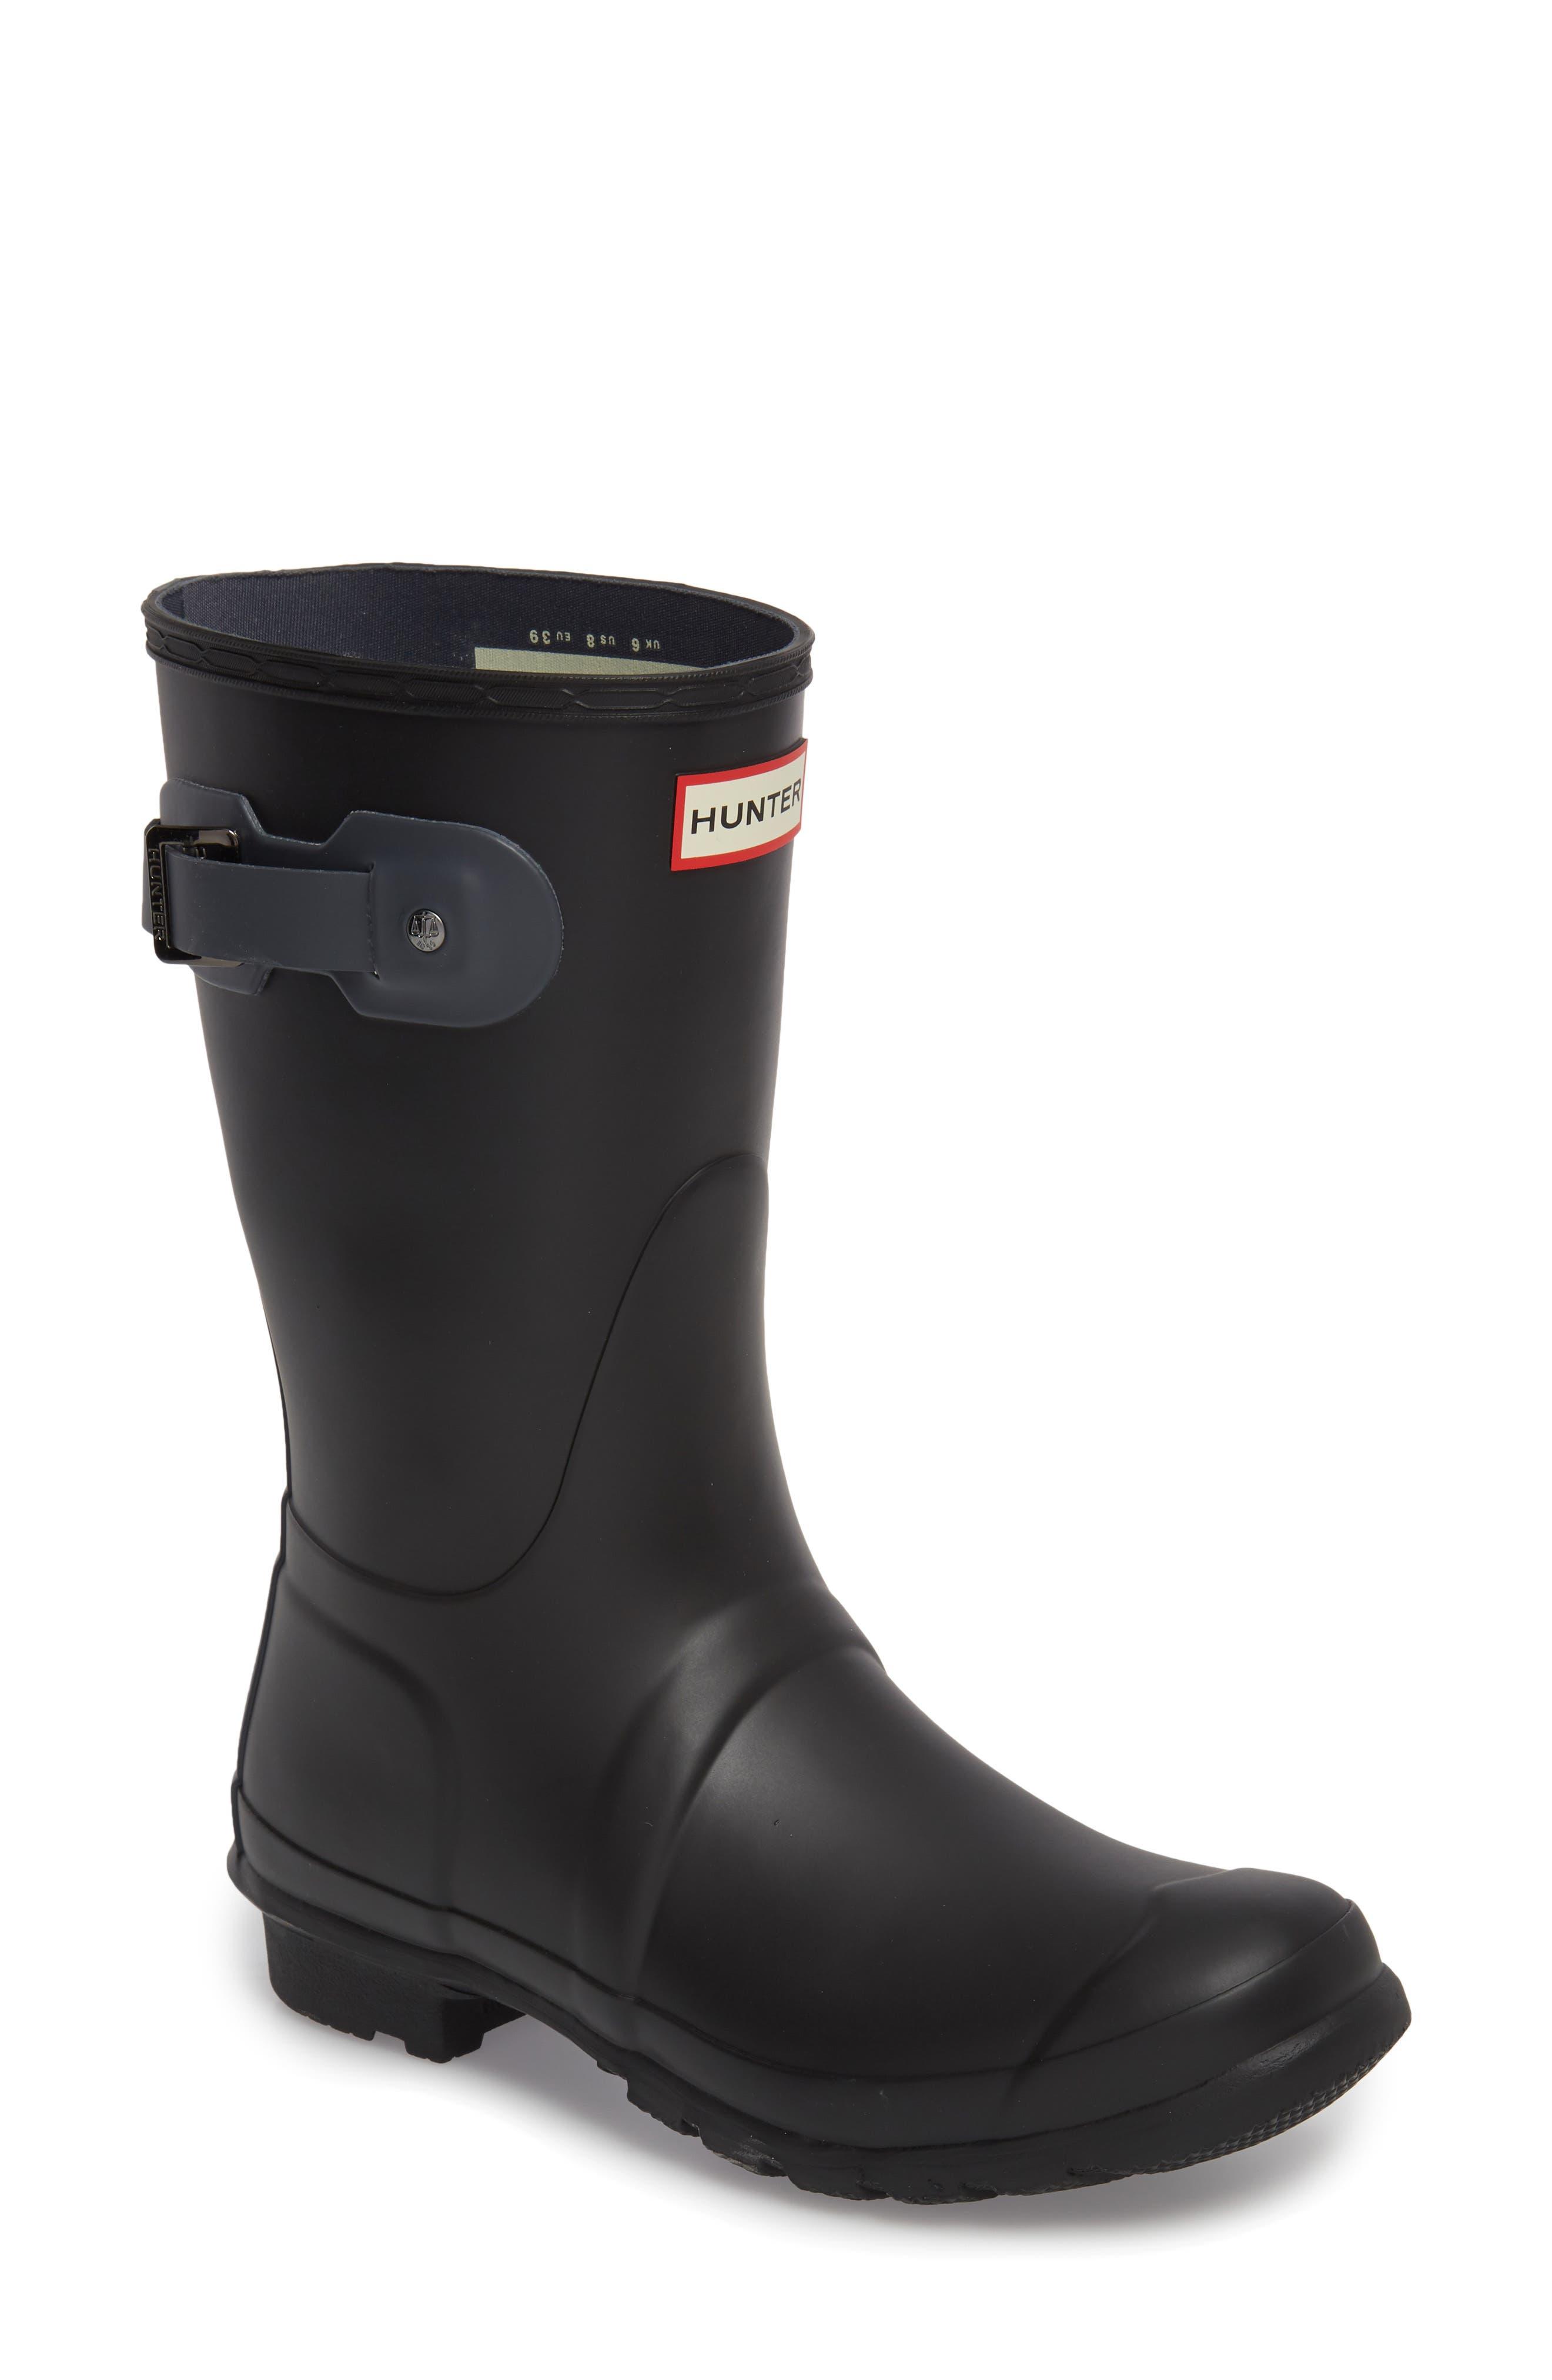 HUNTER Original Short Waterproof Rain Boot, Main, color, 001